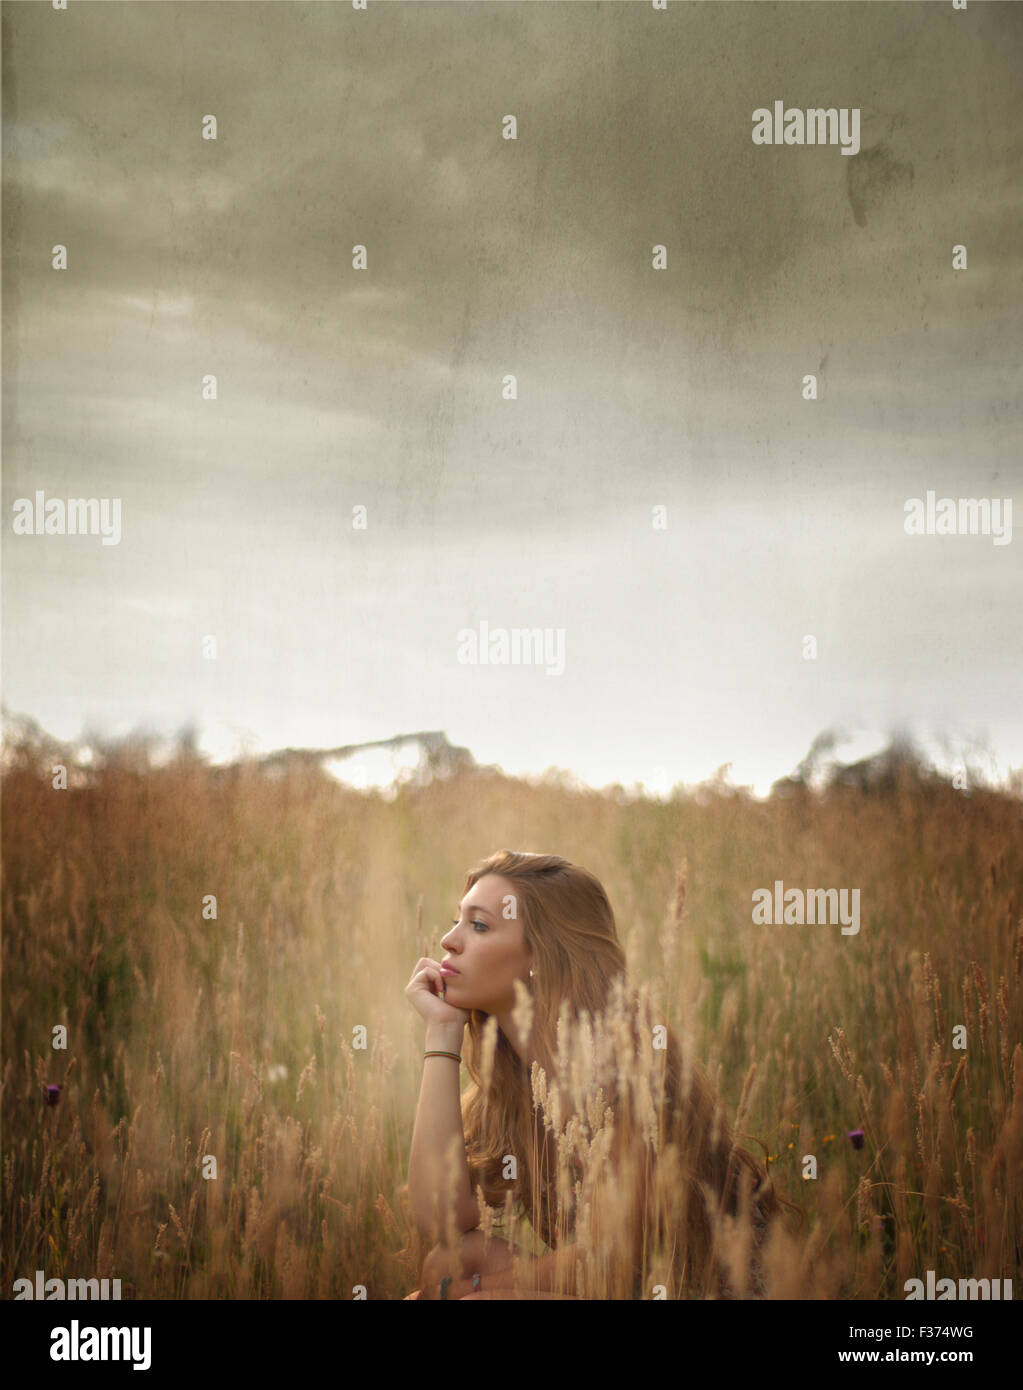 Fille assise entre les champs avec un ciel d'orage Photo Stock